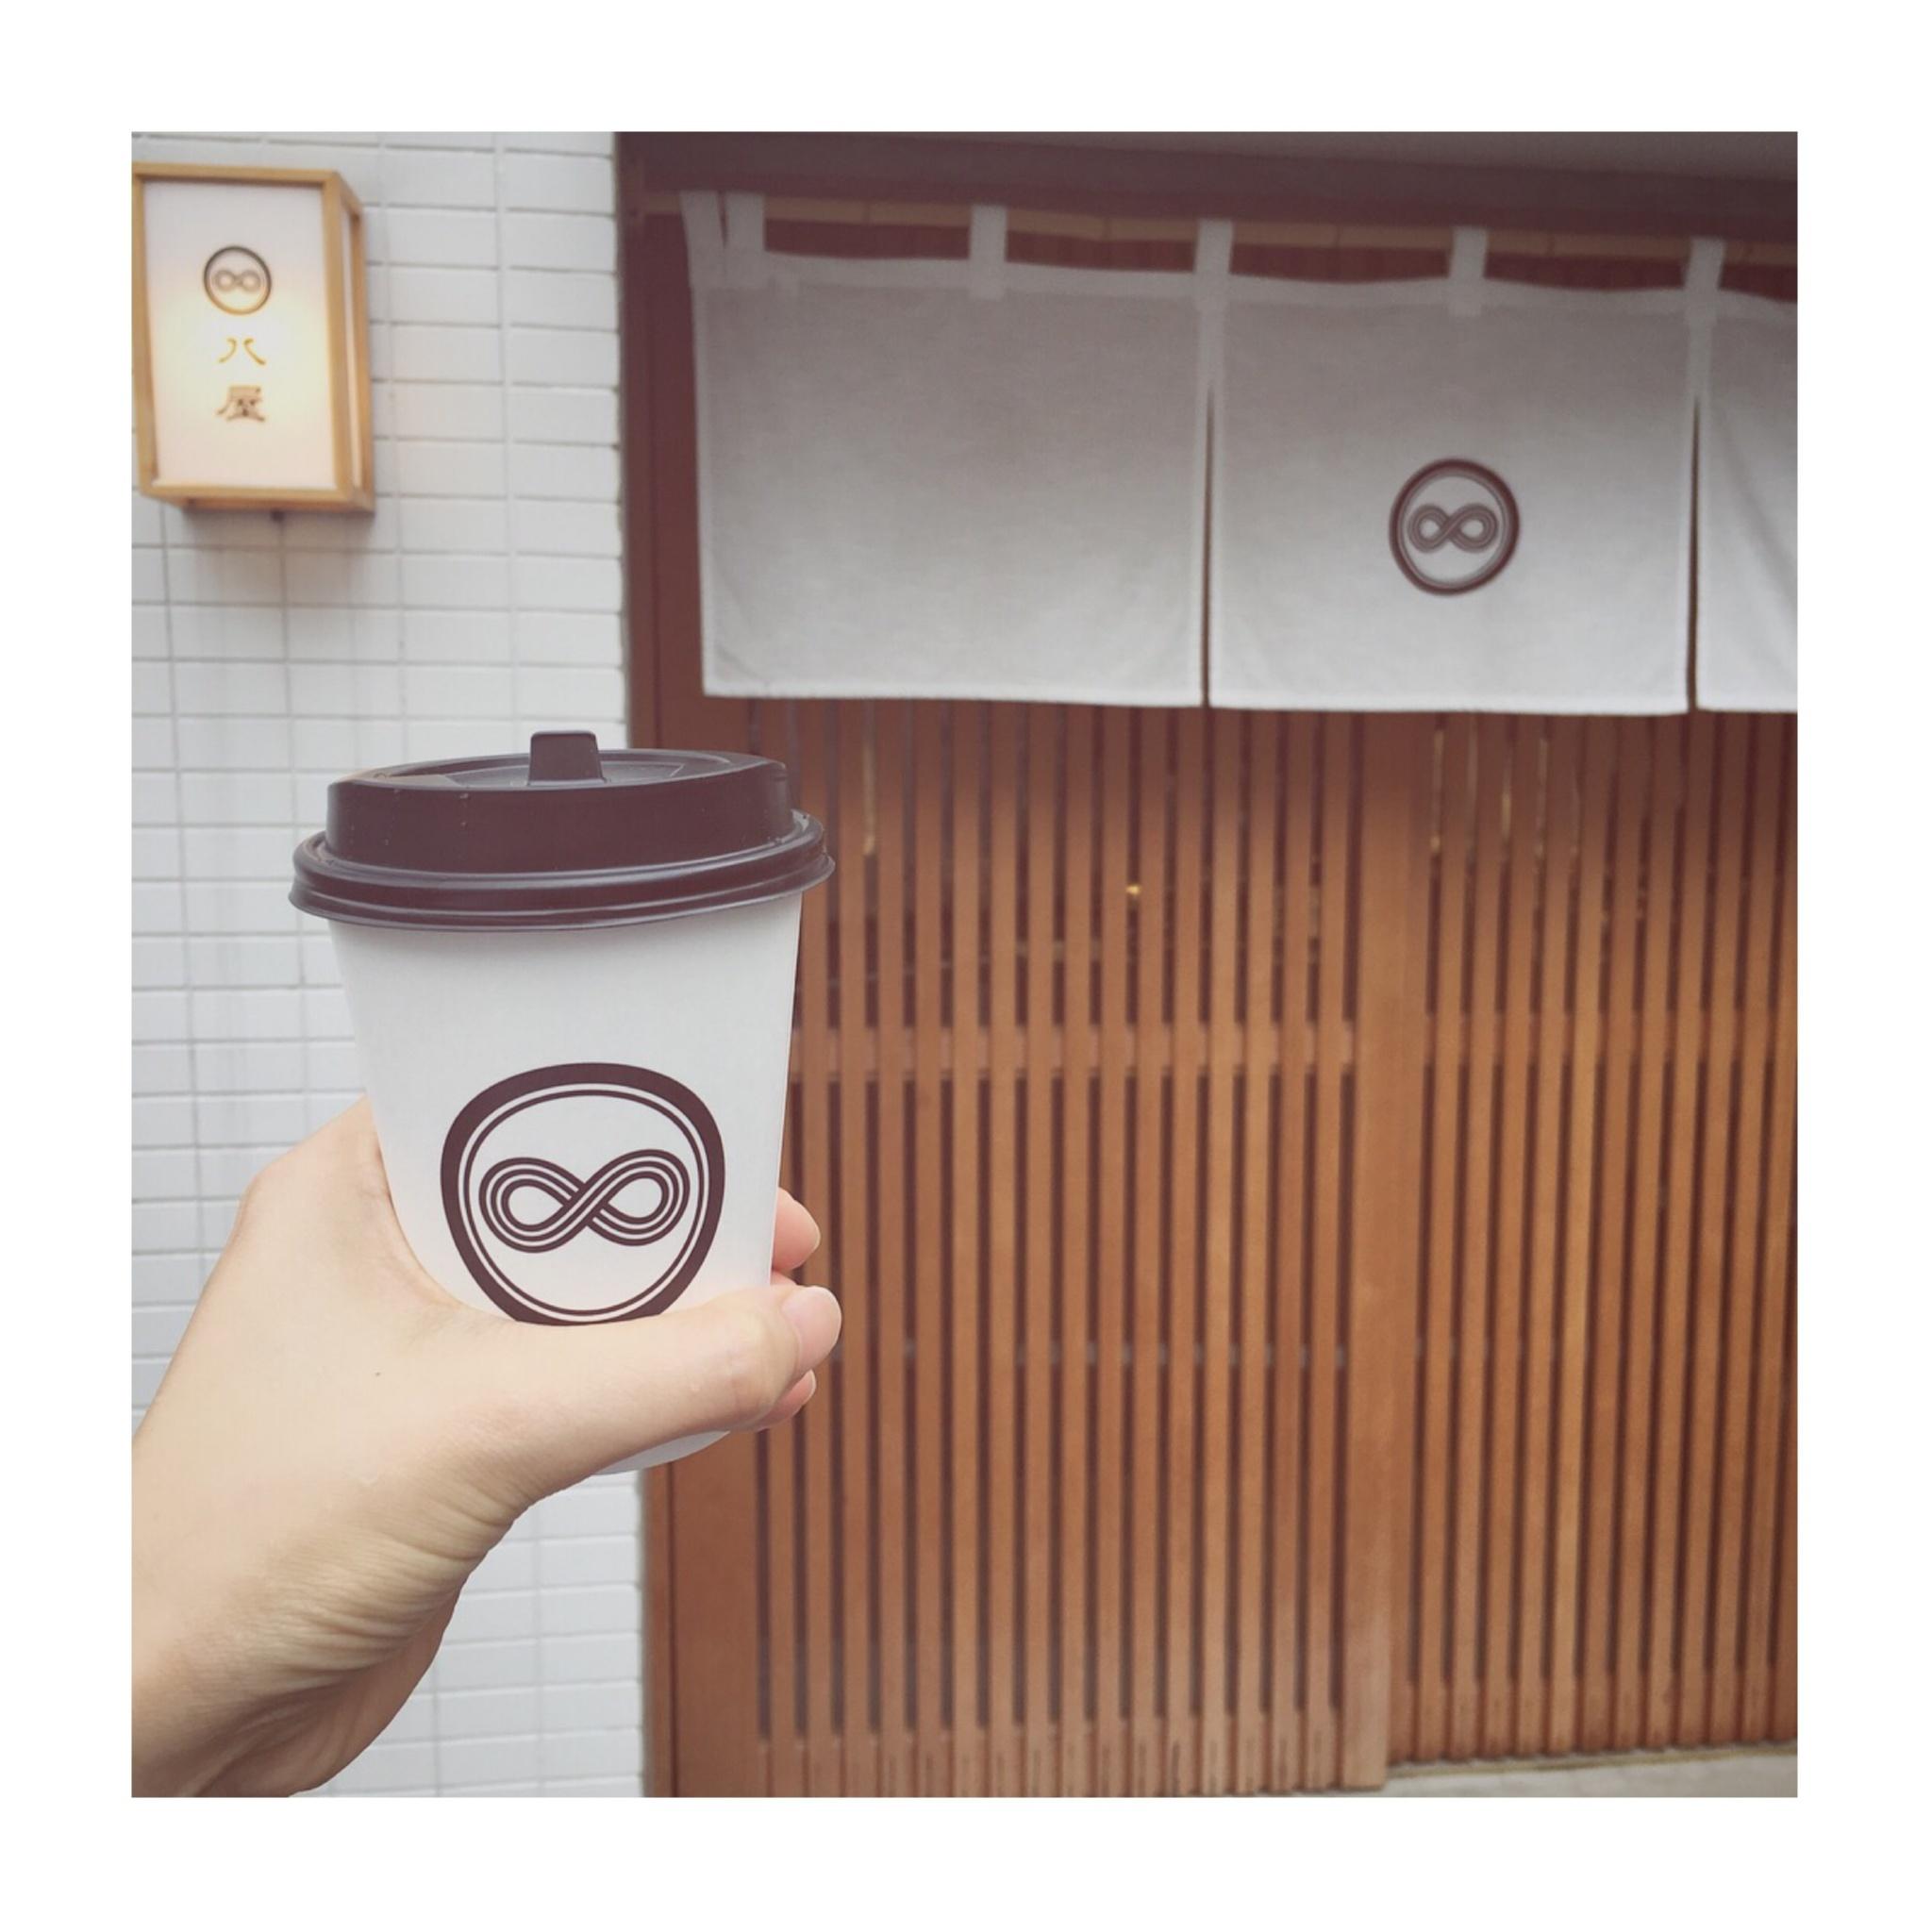 #9【#cafestagram】❤️:《代官山》の日本茶スタンドカフェ「八屋」で和モダンなカフェタイムを☻♡!_4